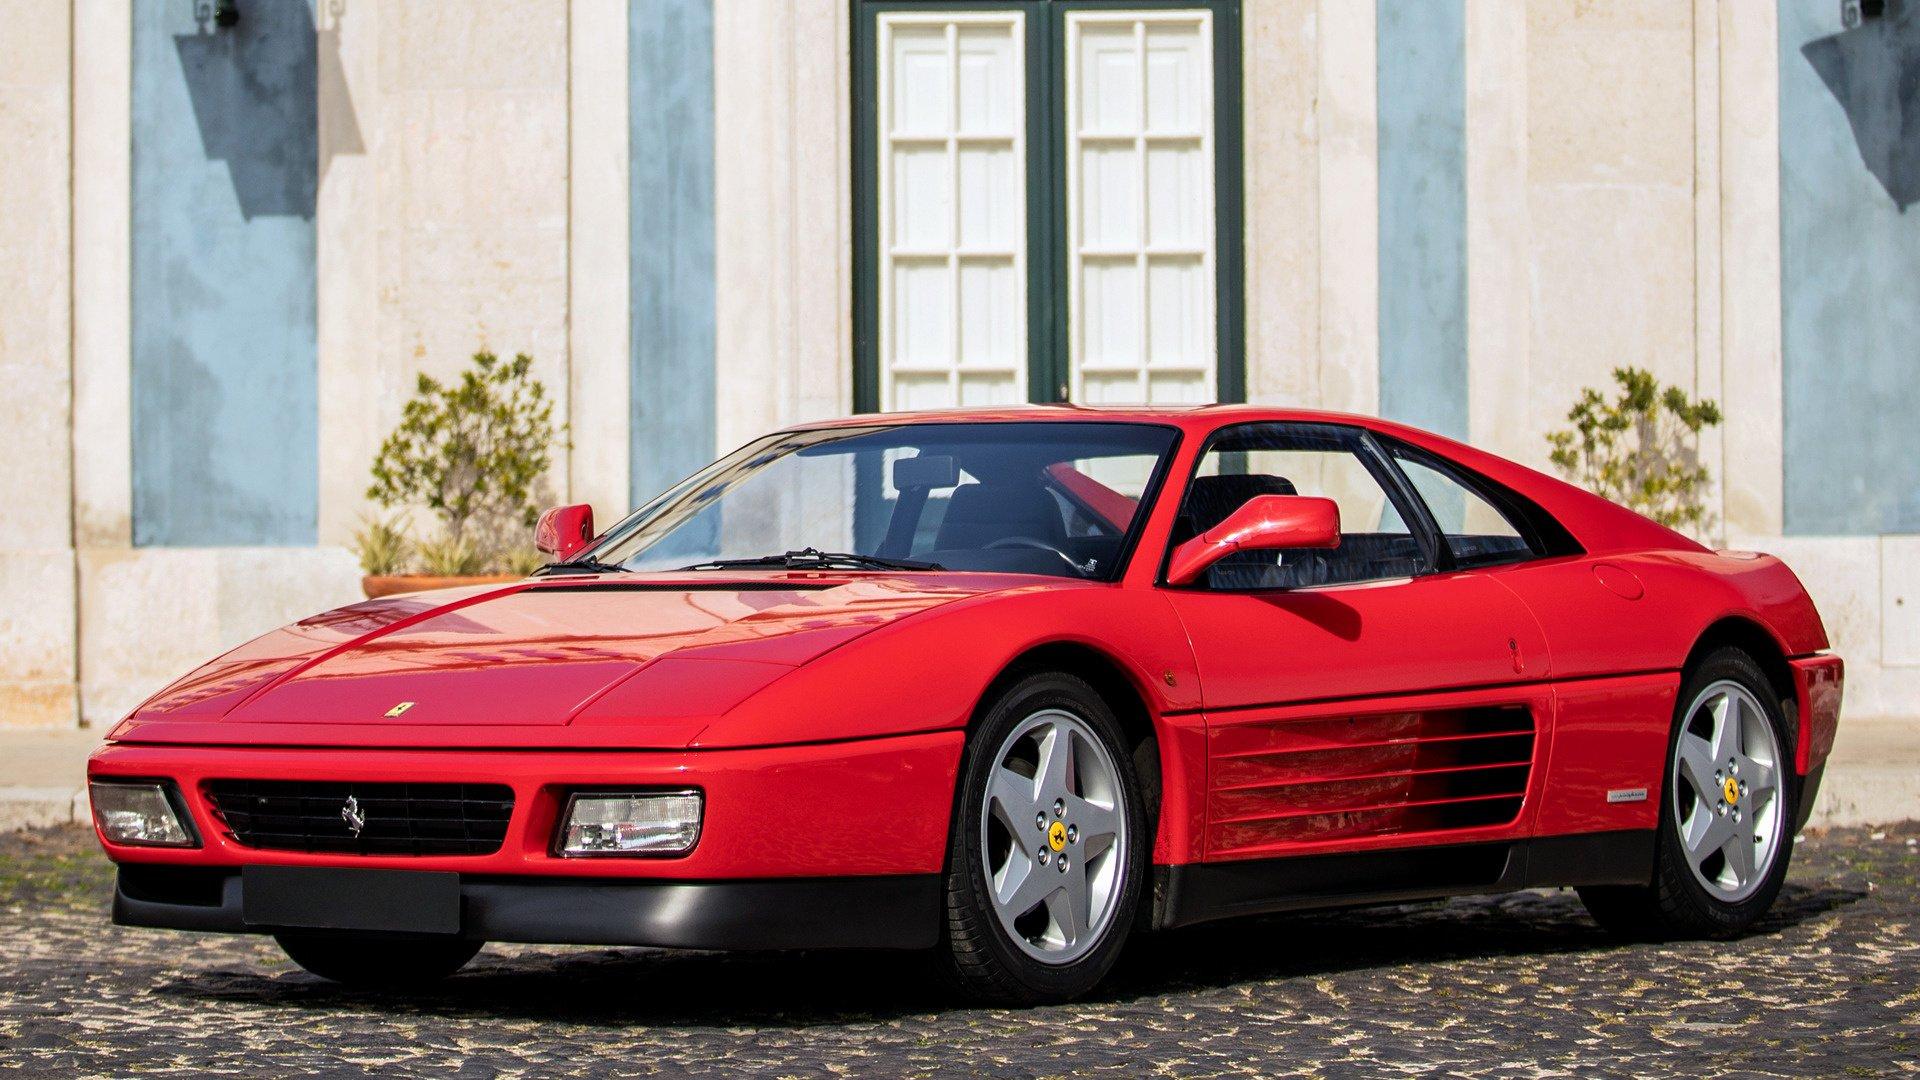 1989 Ferrari 348 Tb Fondo De Pantalla Hd Fondo De